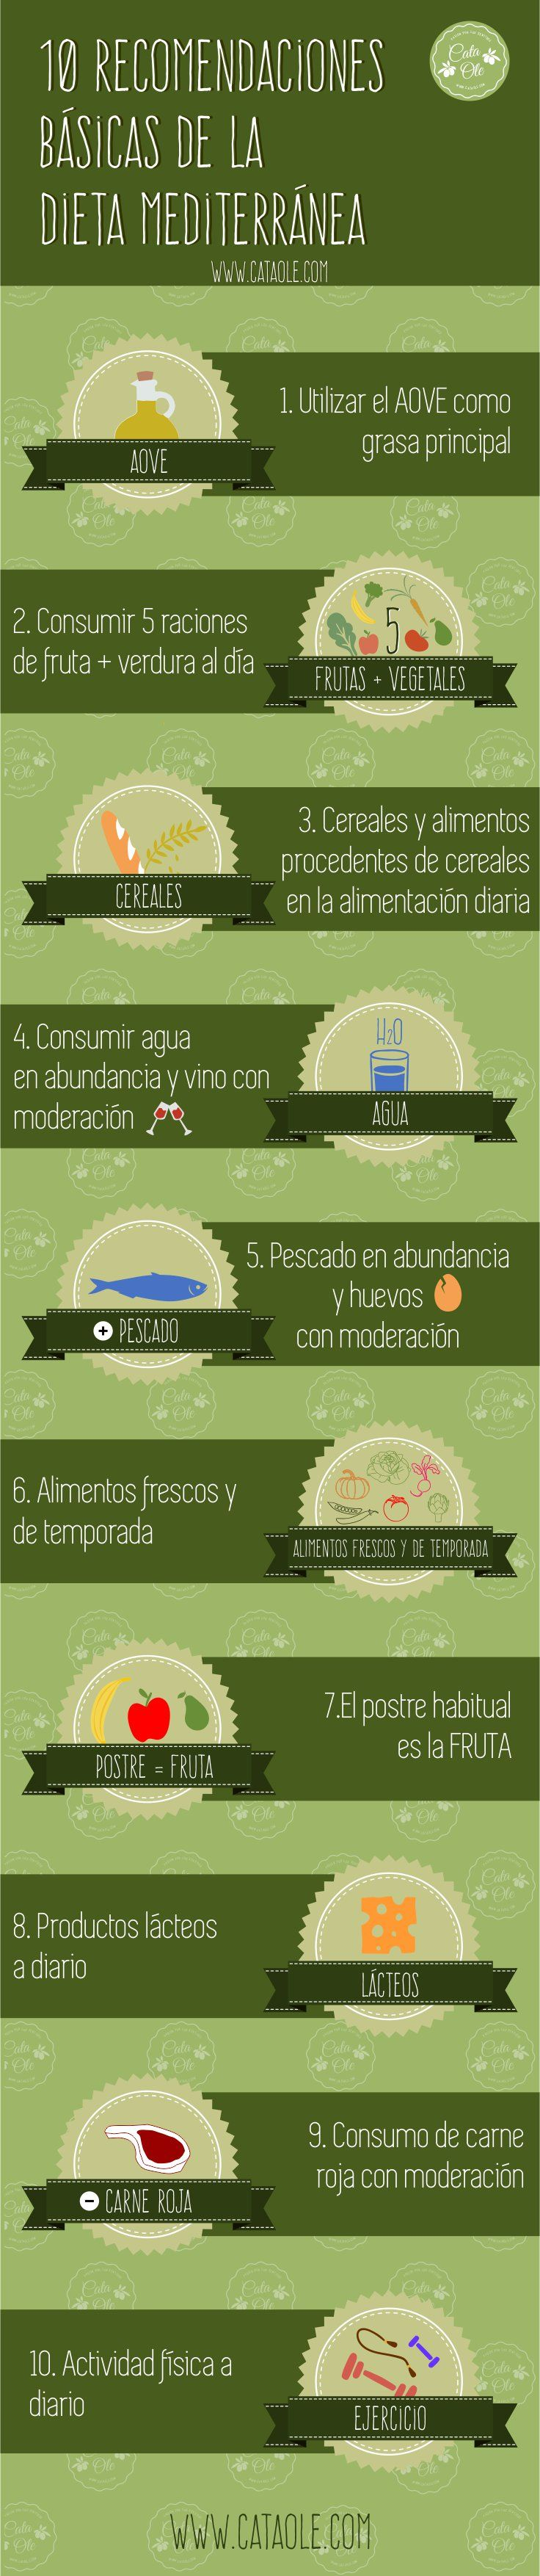 infografía dieta mediterránea recomendaciones cataole